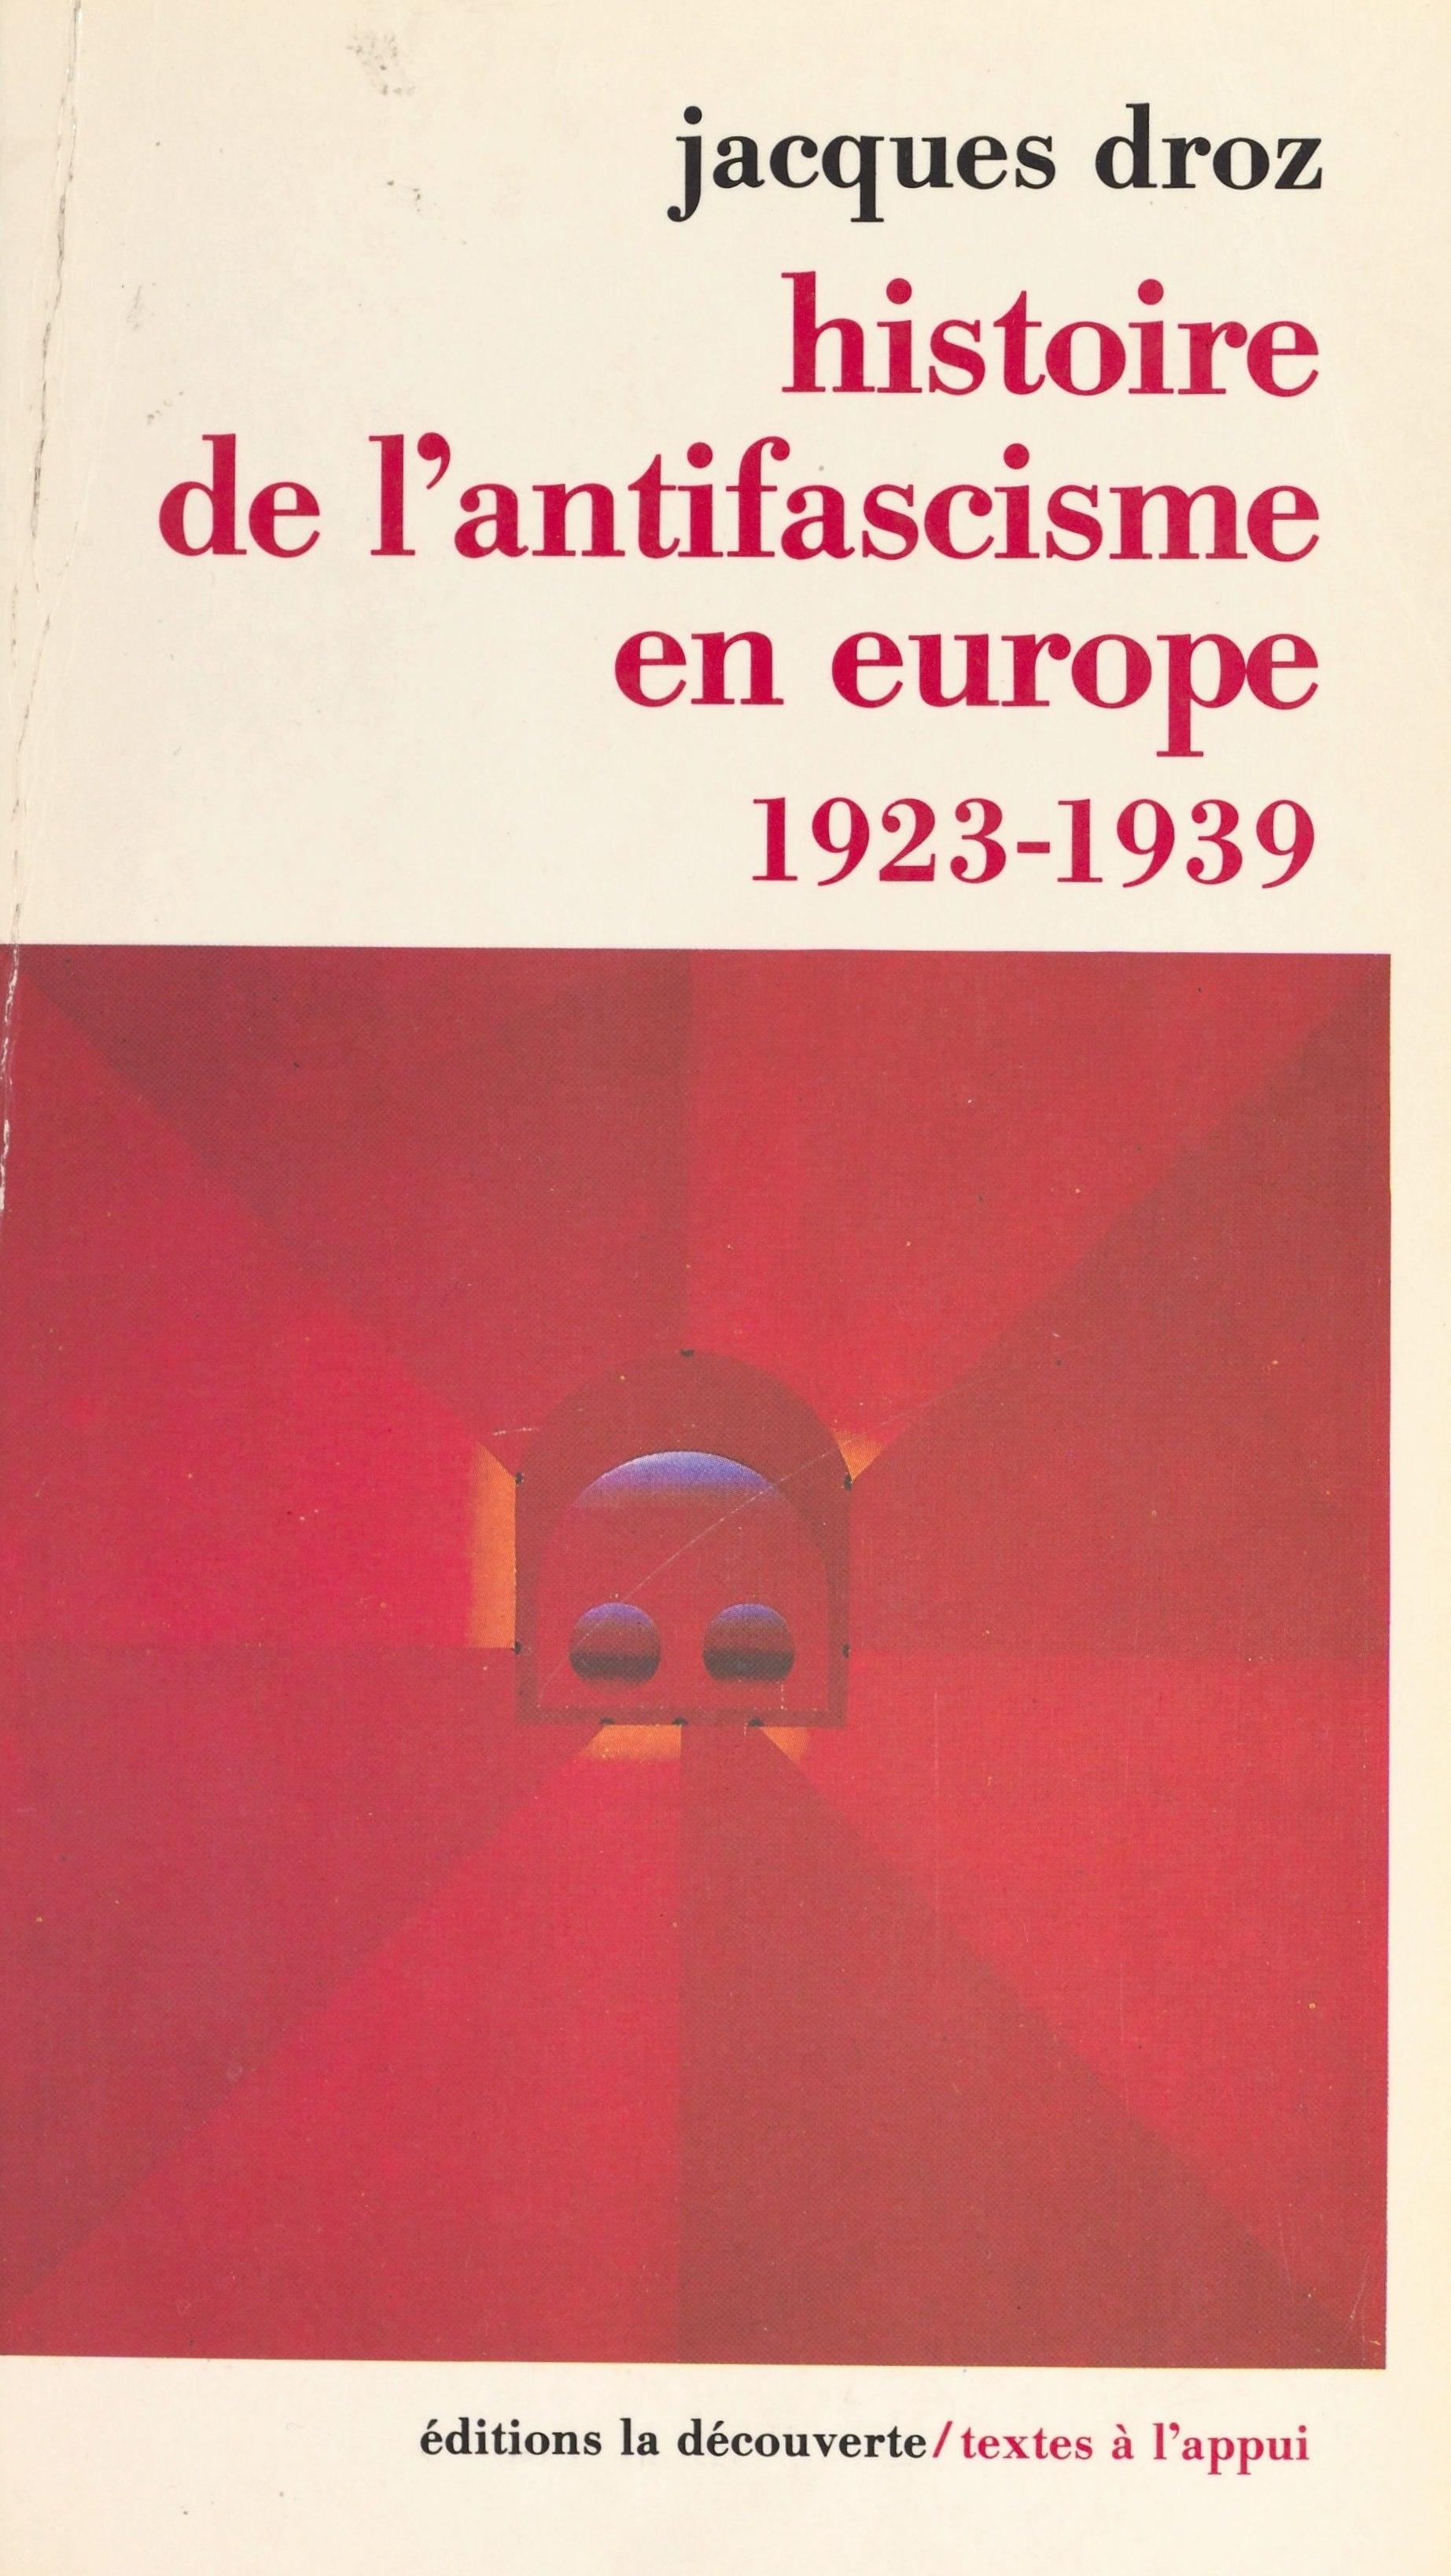 Histoire de l'antifascisme en Europe (1923-1939)